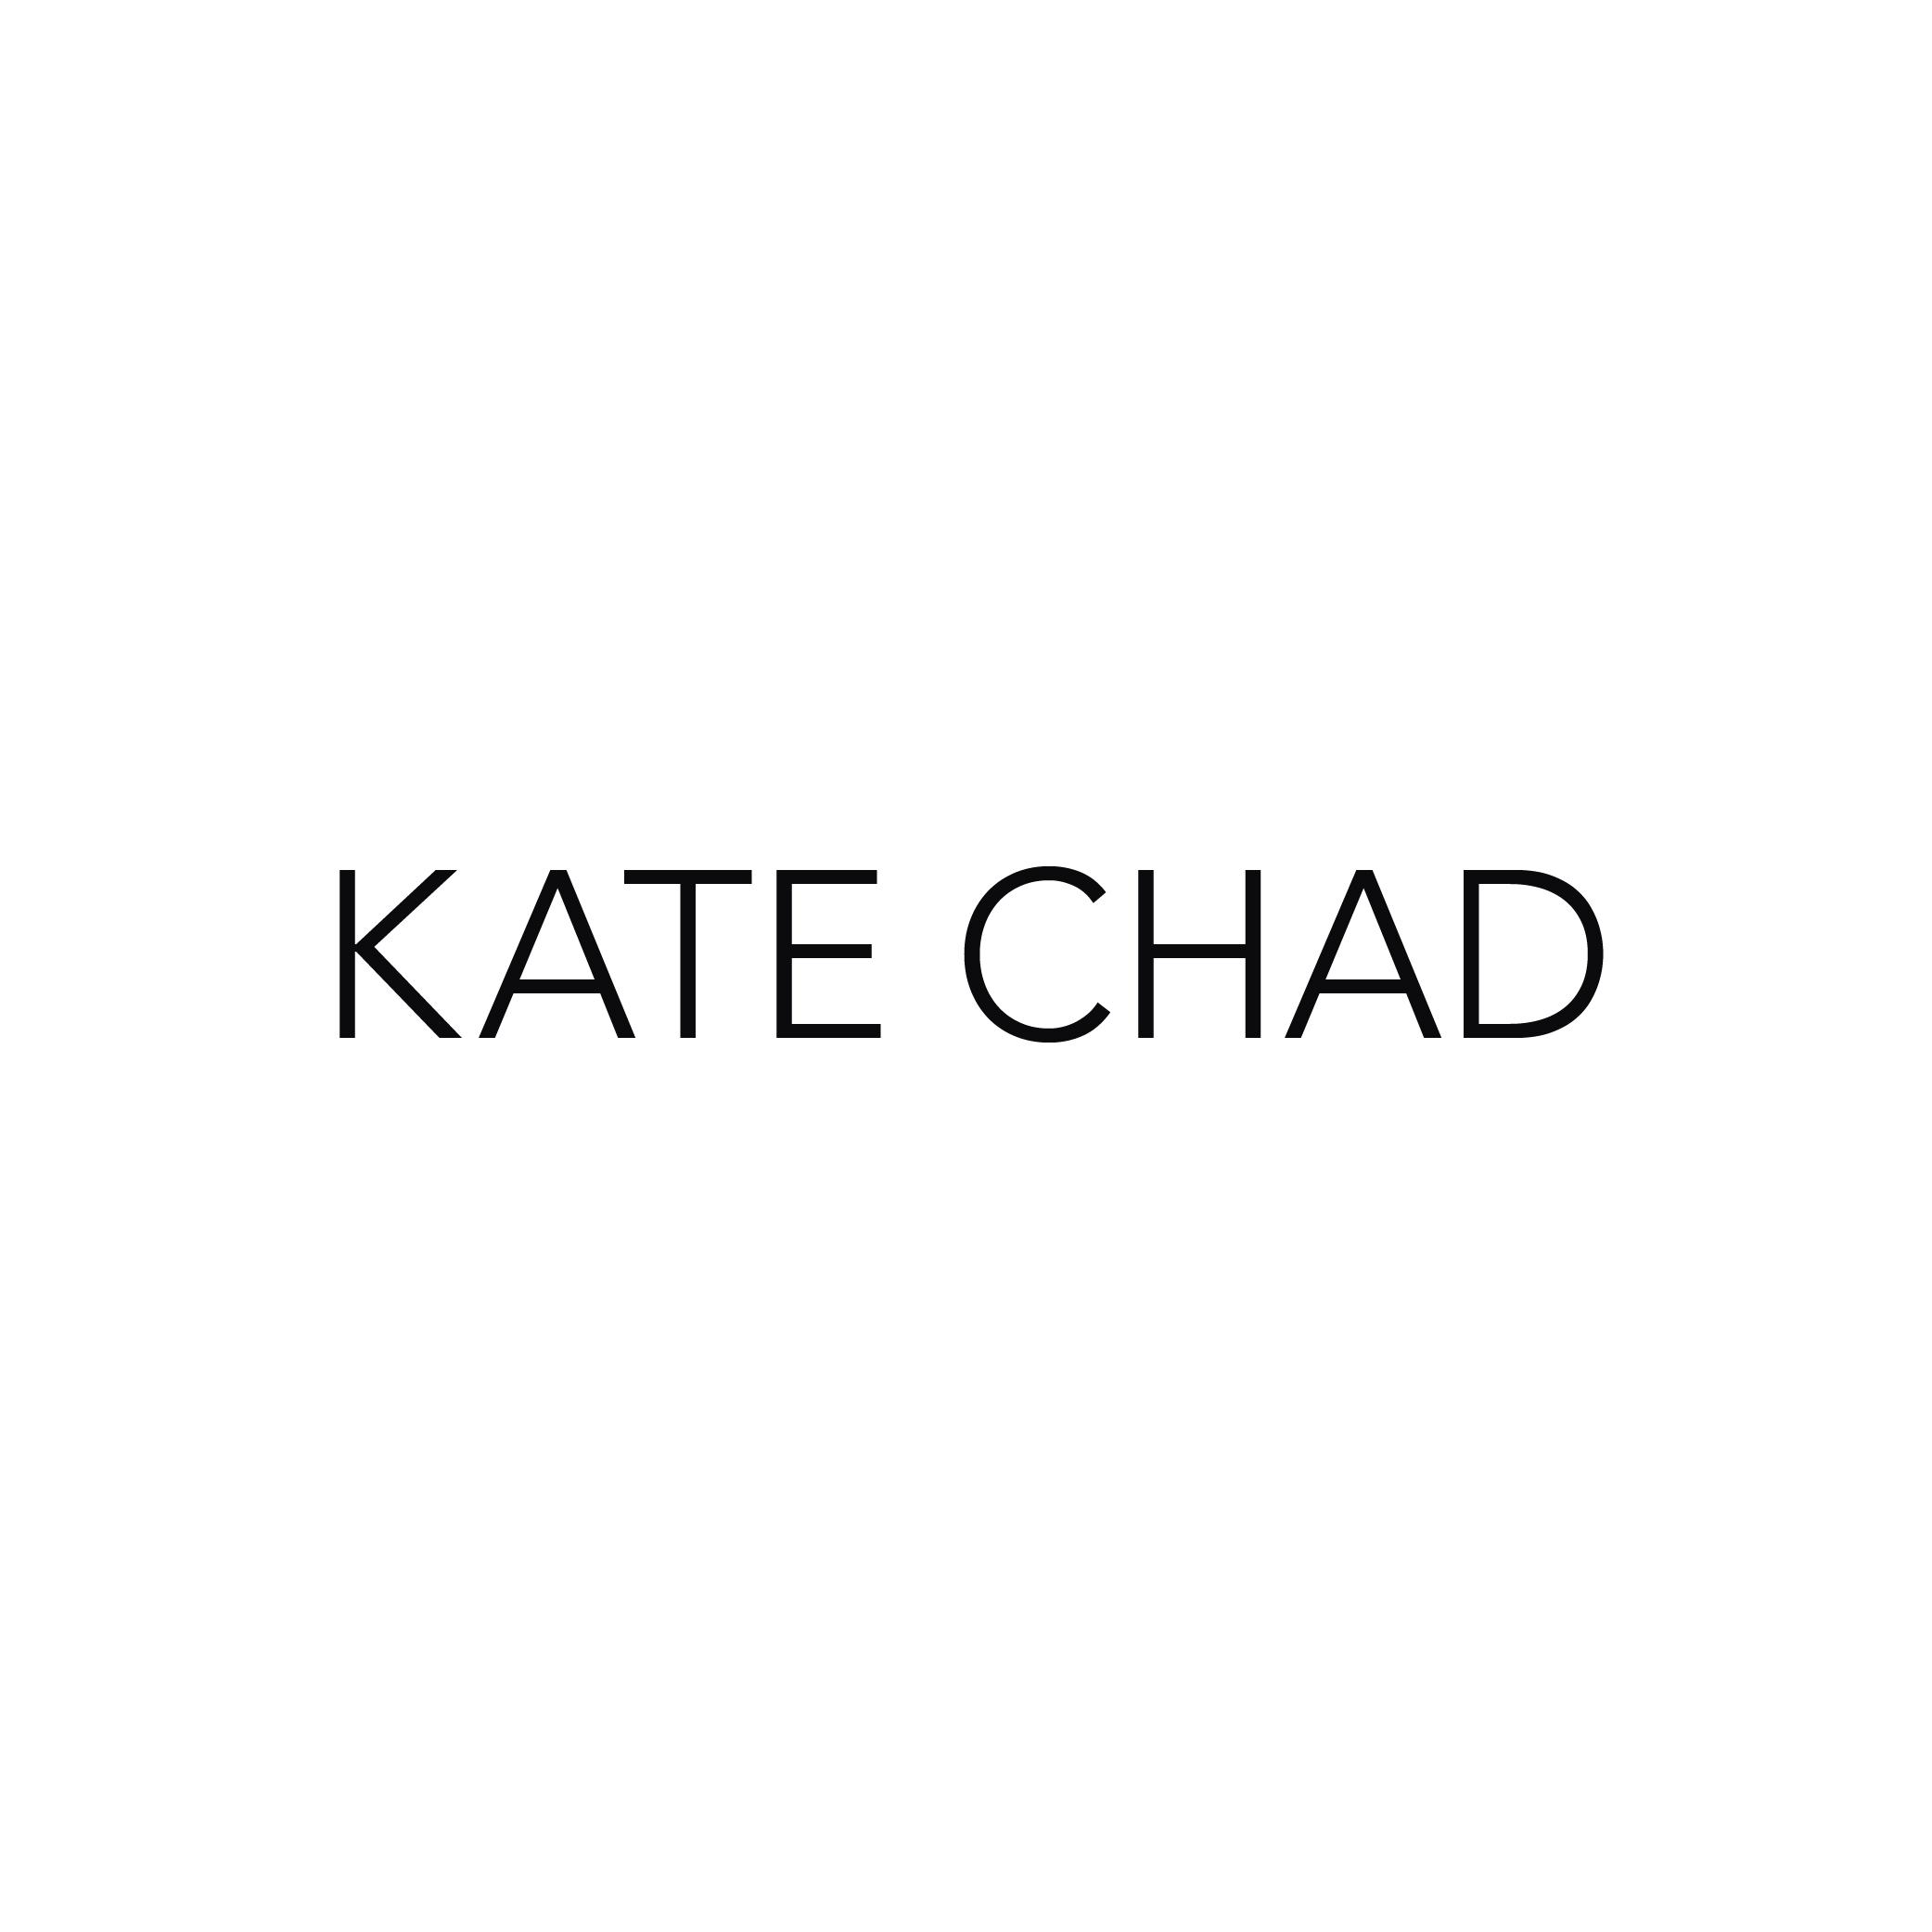 KATE CHAD | Portfolio MNFL Design